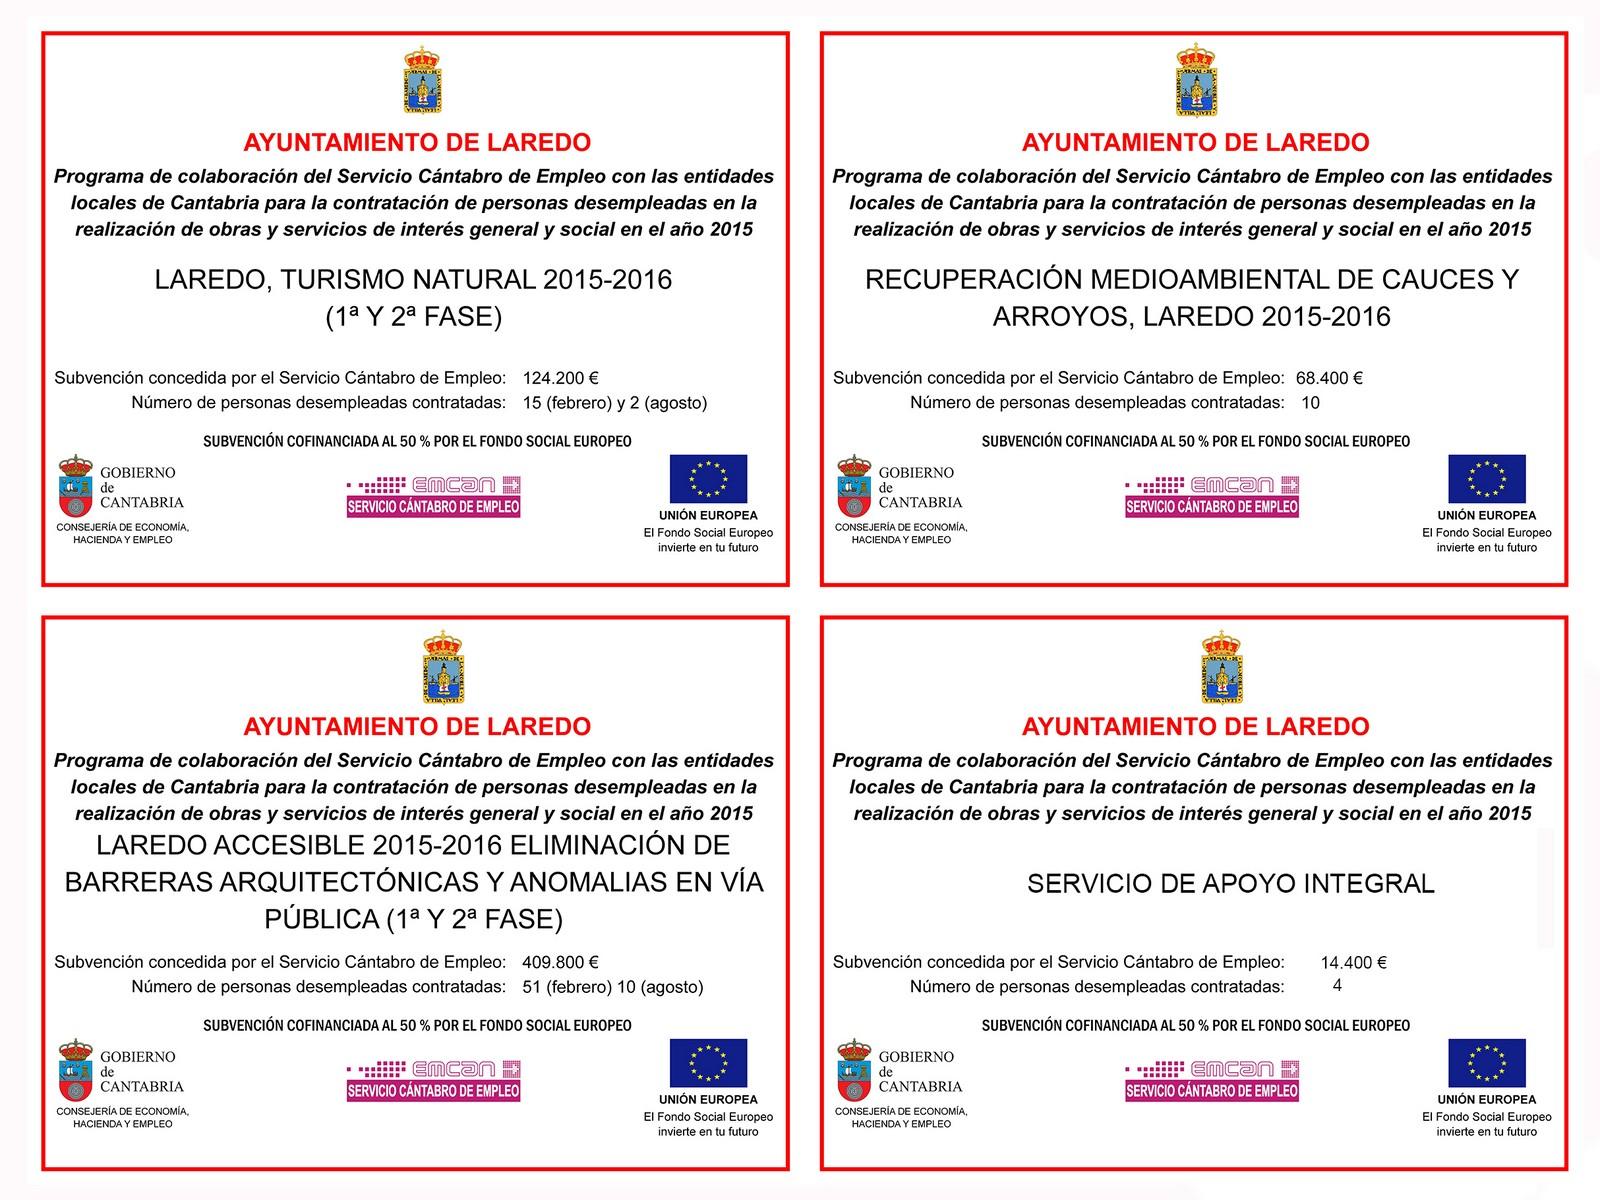 programas de corporaciones locales 2015 laredo